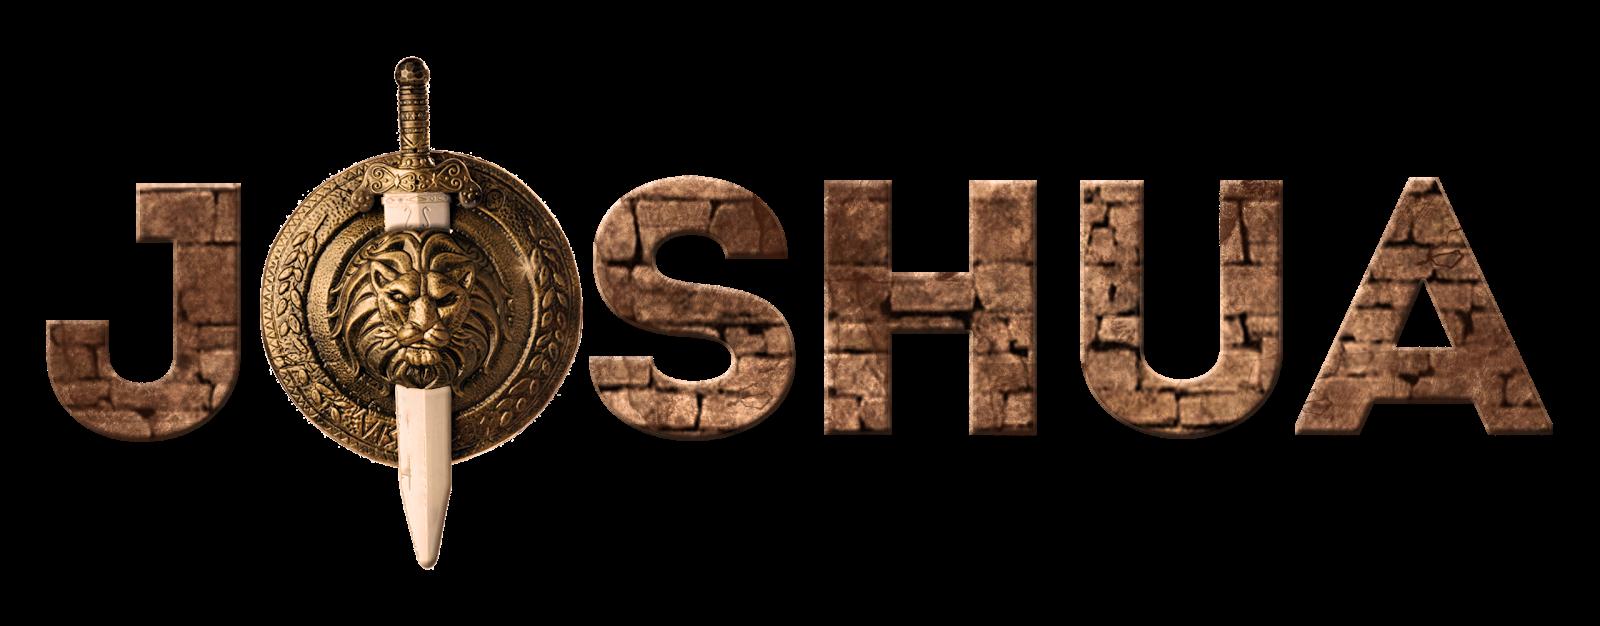 Joshua sermon series, discussion questions